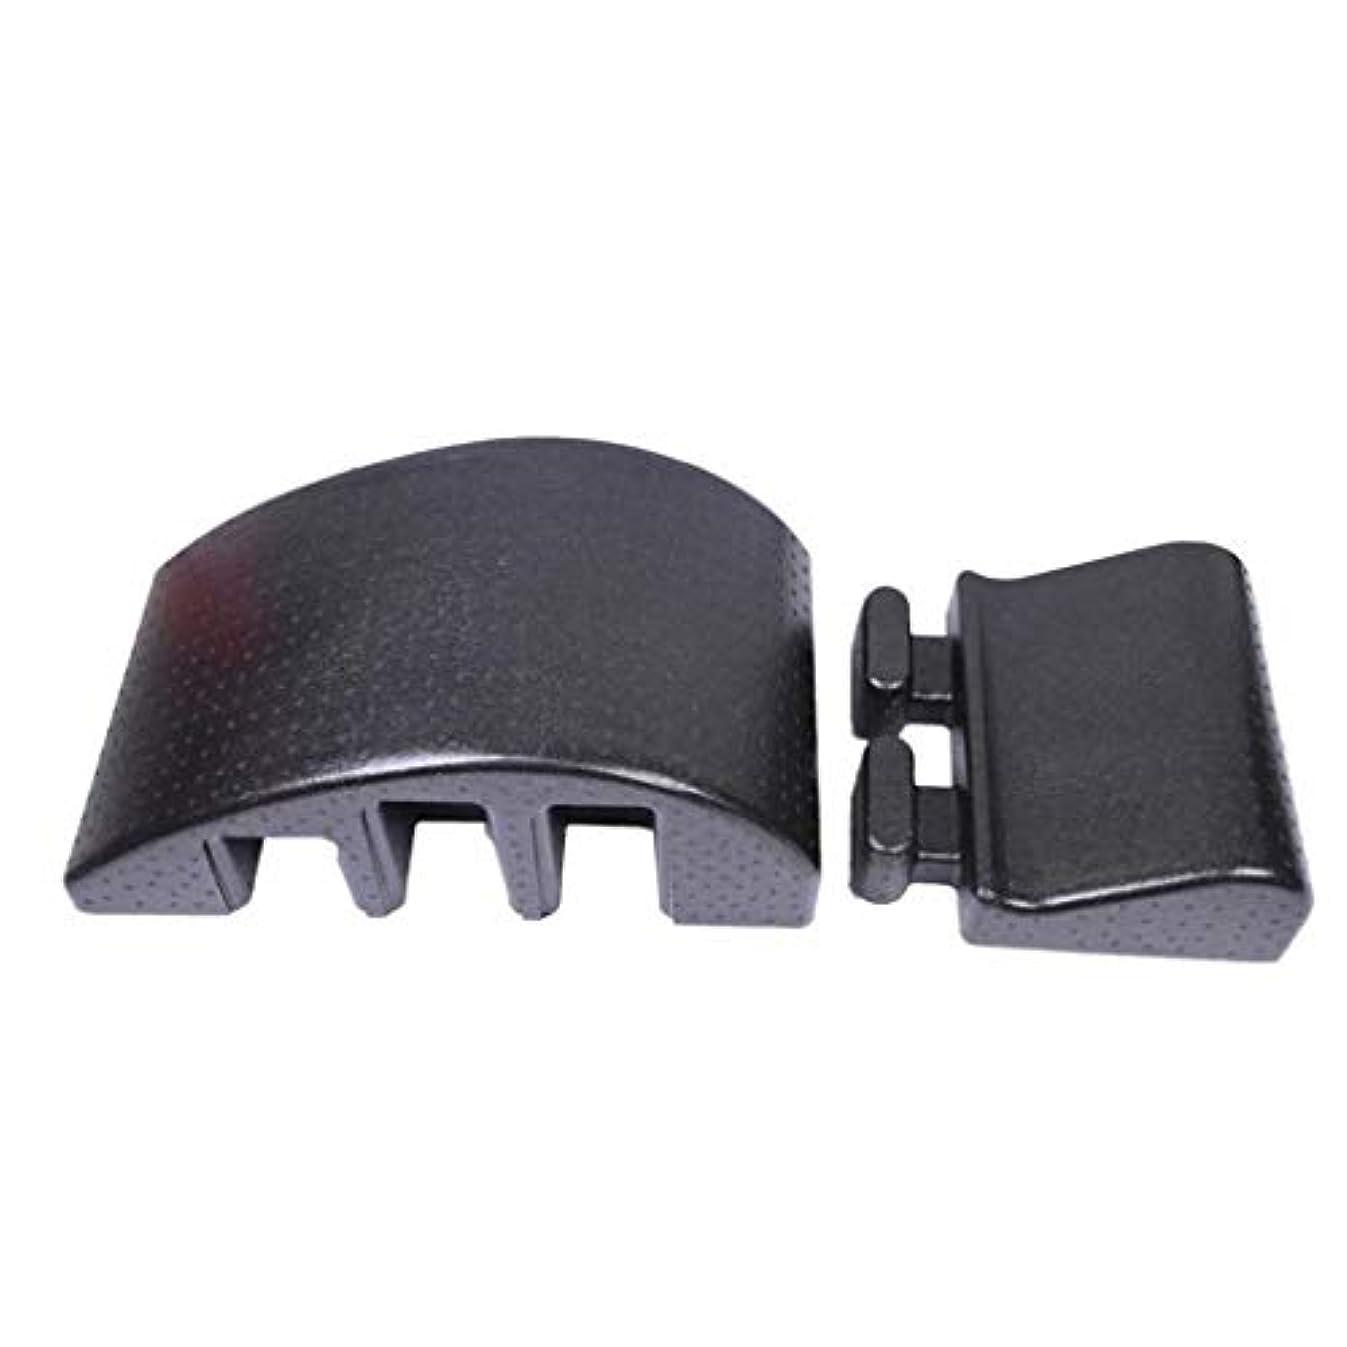 おいしい苦しむ前投薬座りがちなサラリーマンに適した背部装具、背中の痛みの緩和、多機能マッサージ、湾曲したマッサージベッドピラティス,黒